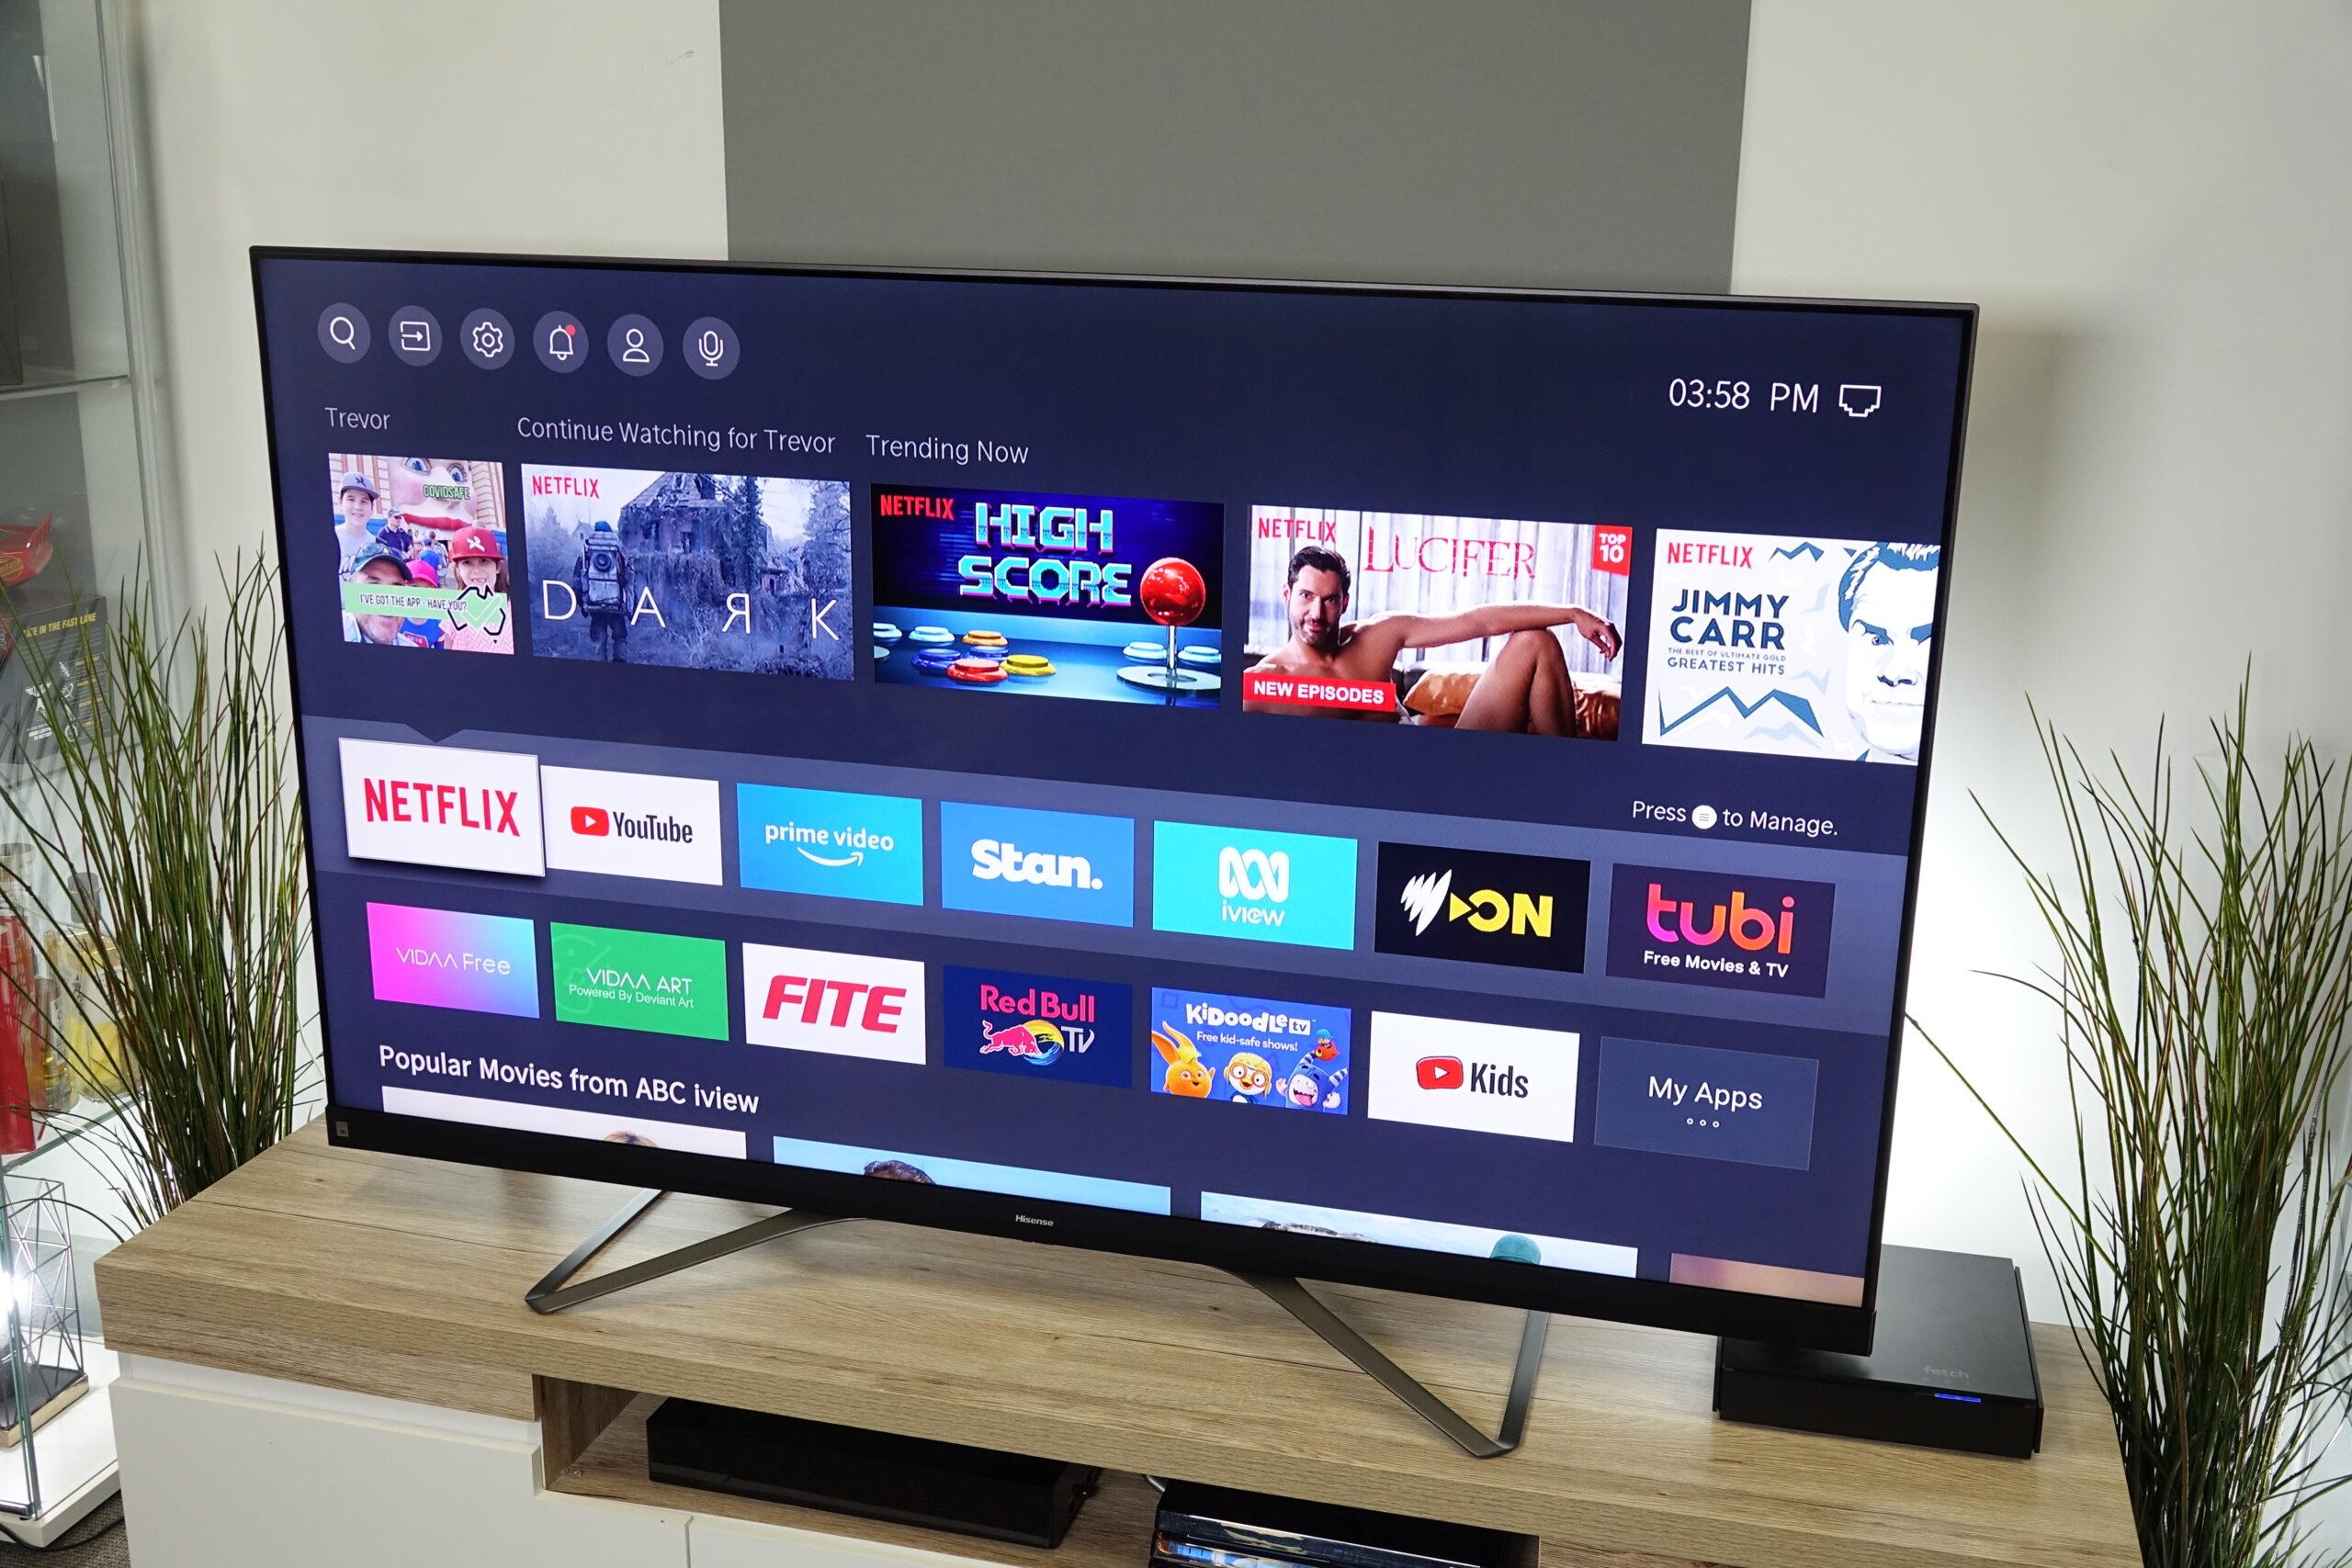 Hisense Q8 TV